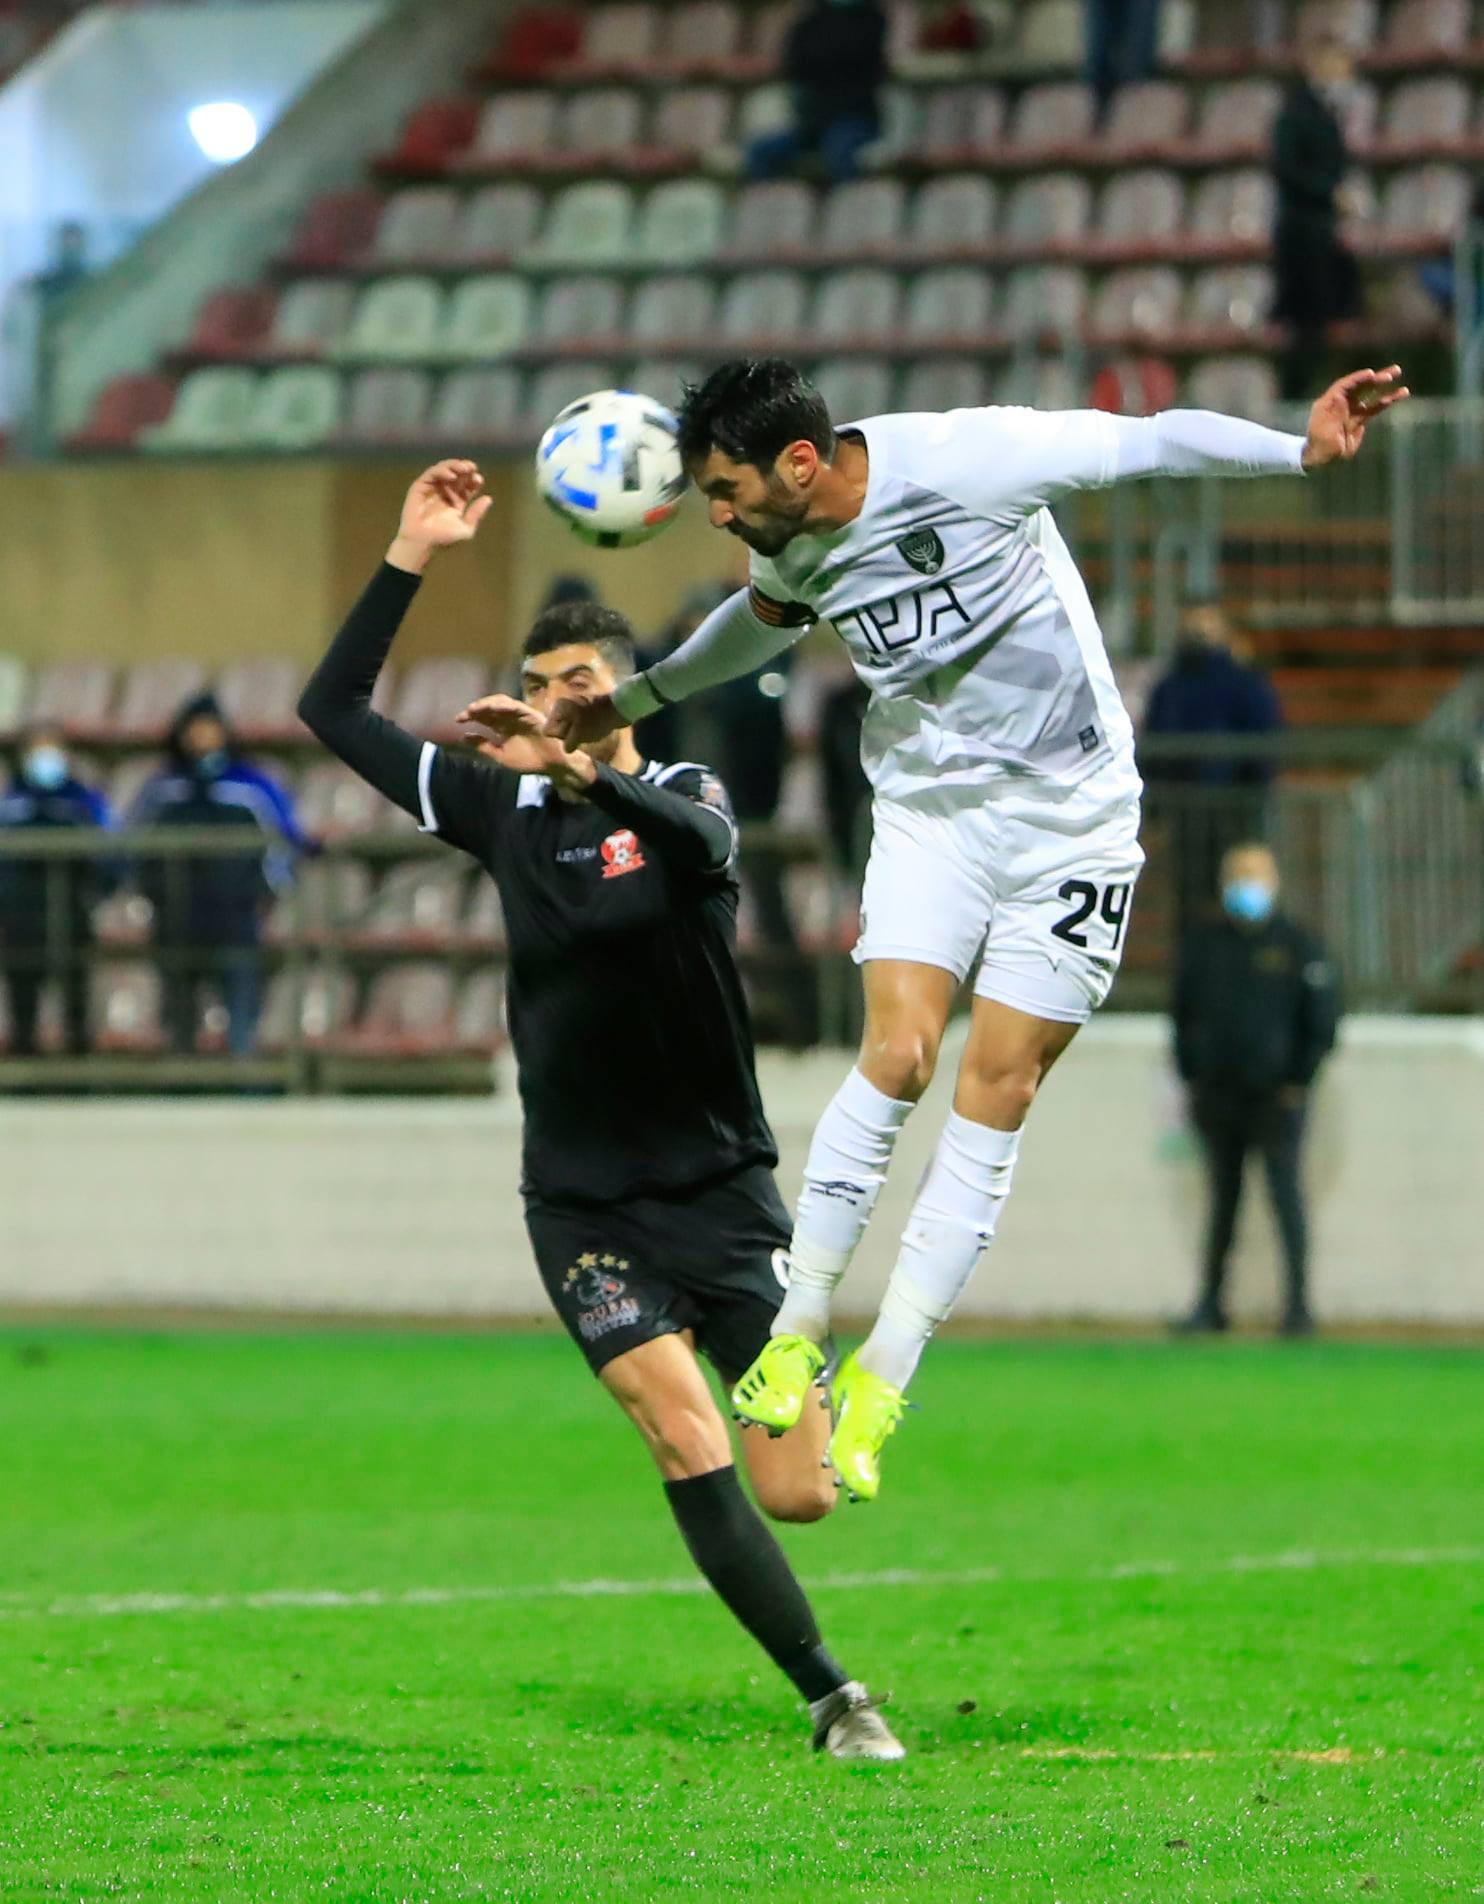 الجوله 10 : اتحاد سخنين 0 – 0 بيتار القدس